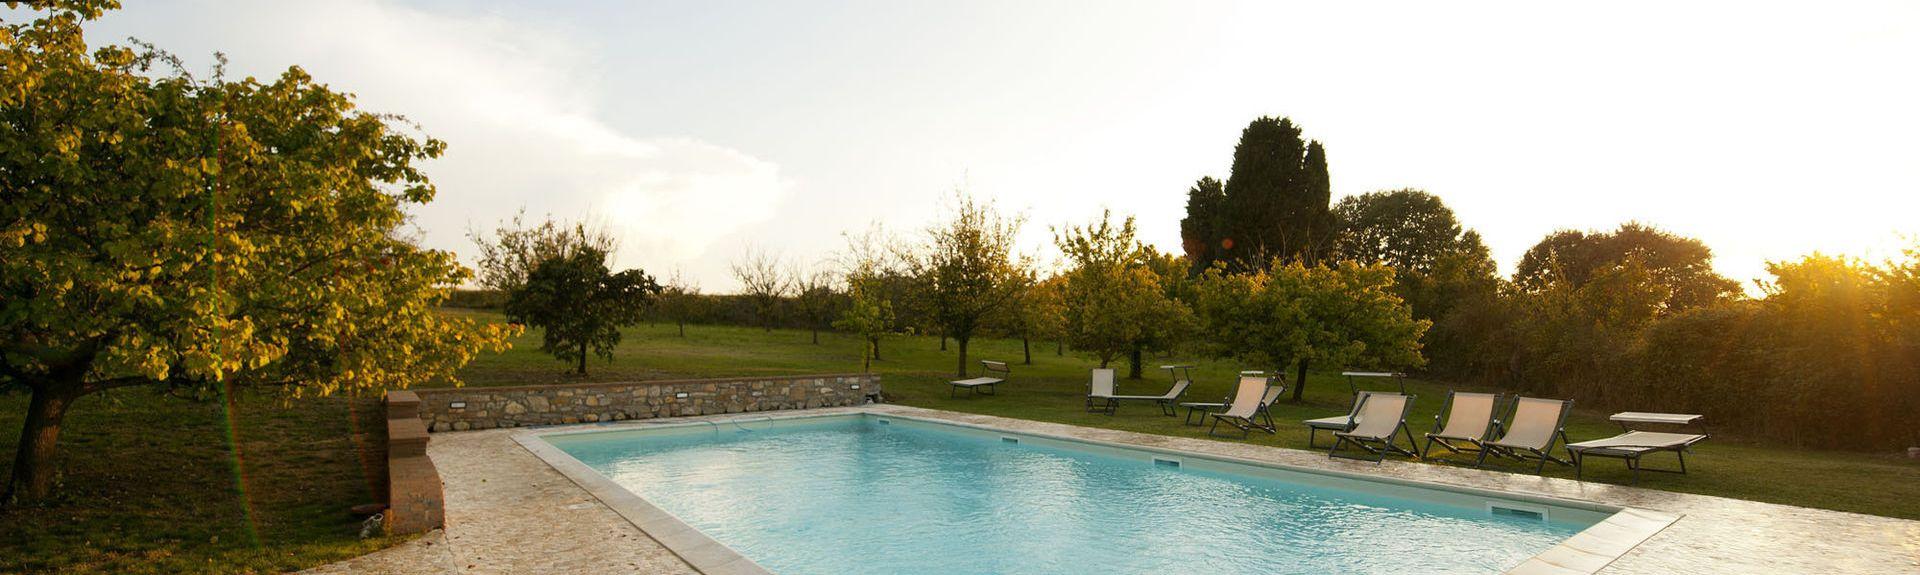 Castelnuovo Berardenga, Toscana, Italia